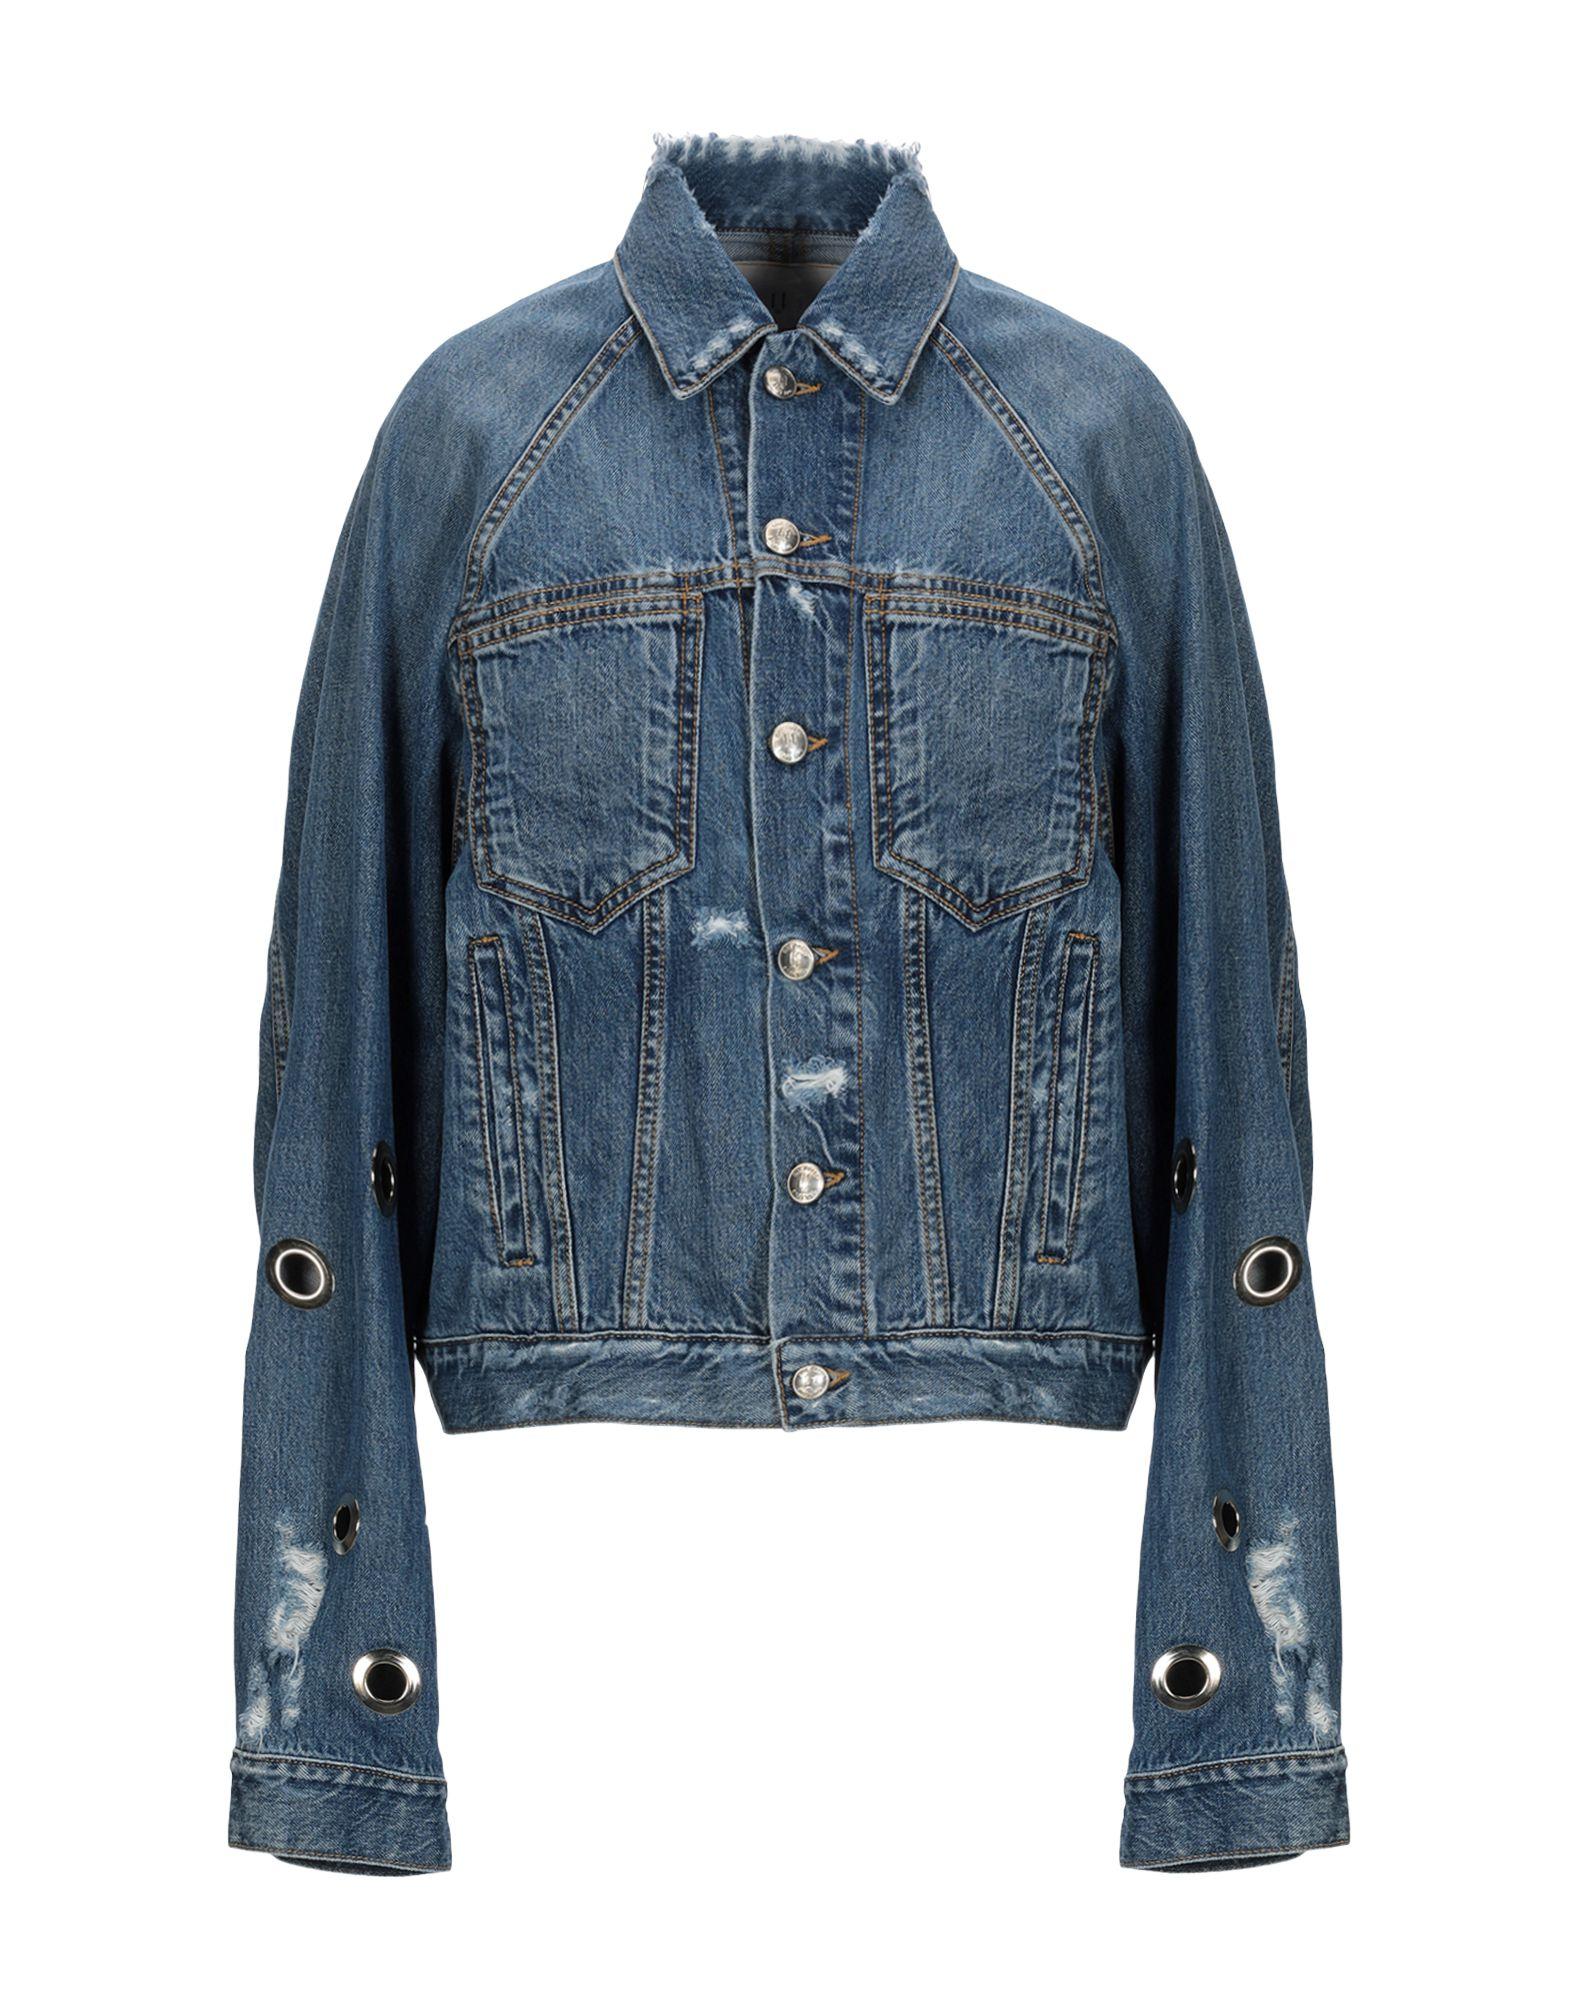 ONEDRESS ONELOVE Джинсовая верхняя одежда onedress onelove джинсовая верхняя одежда